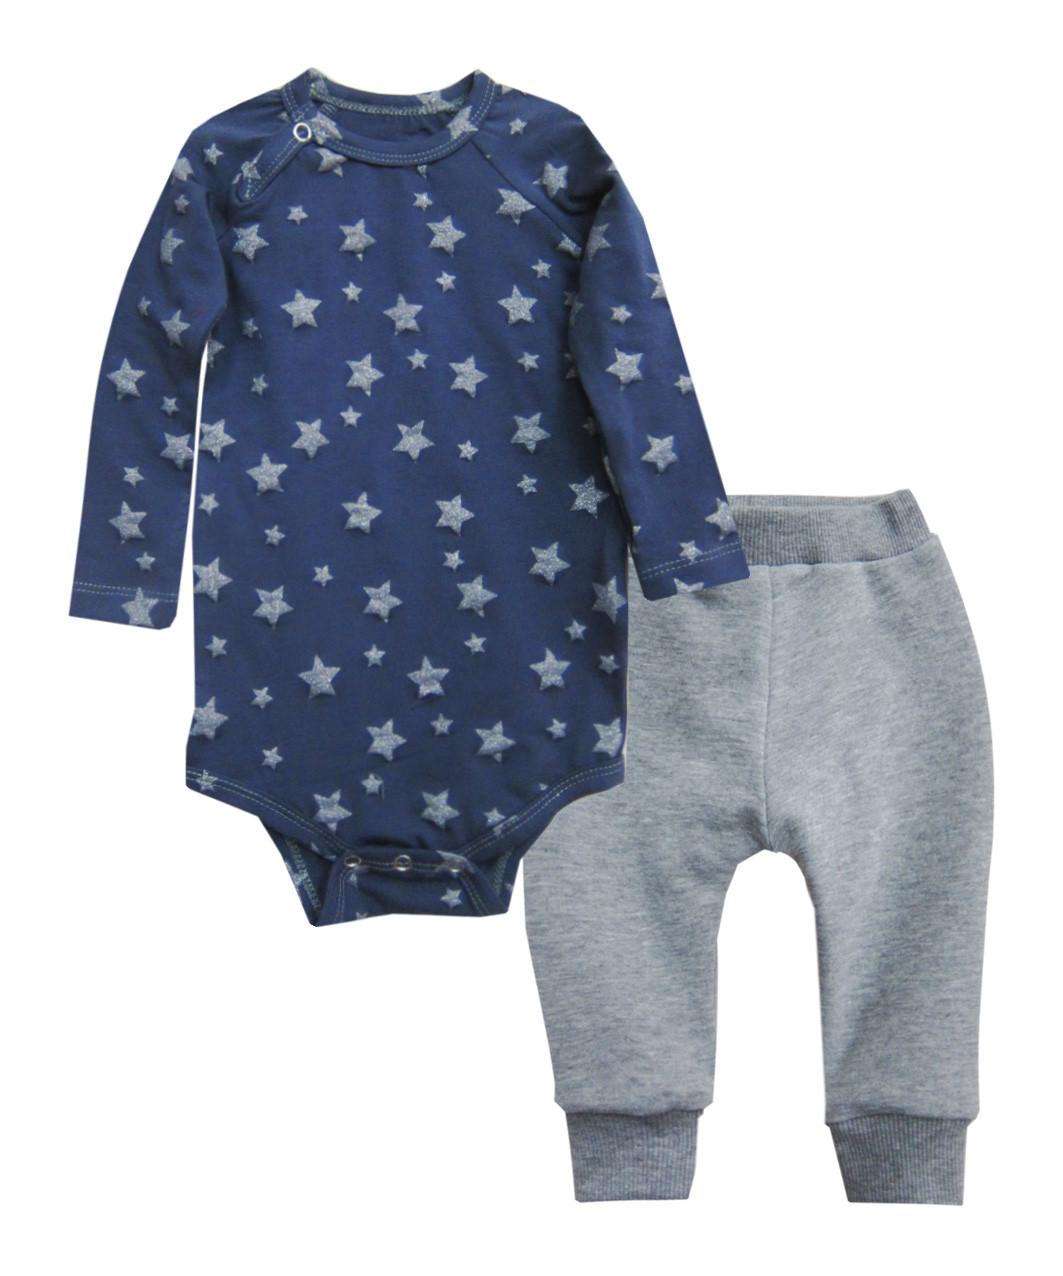 Дитячий комплект для хлопчика (боді, штанці) зірки